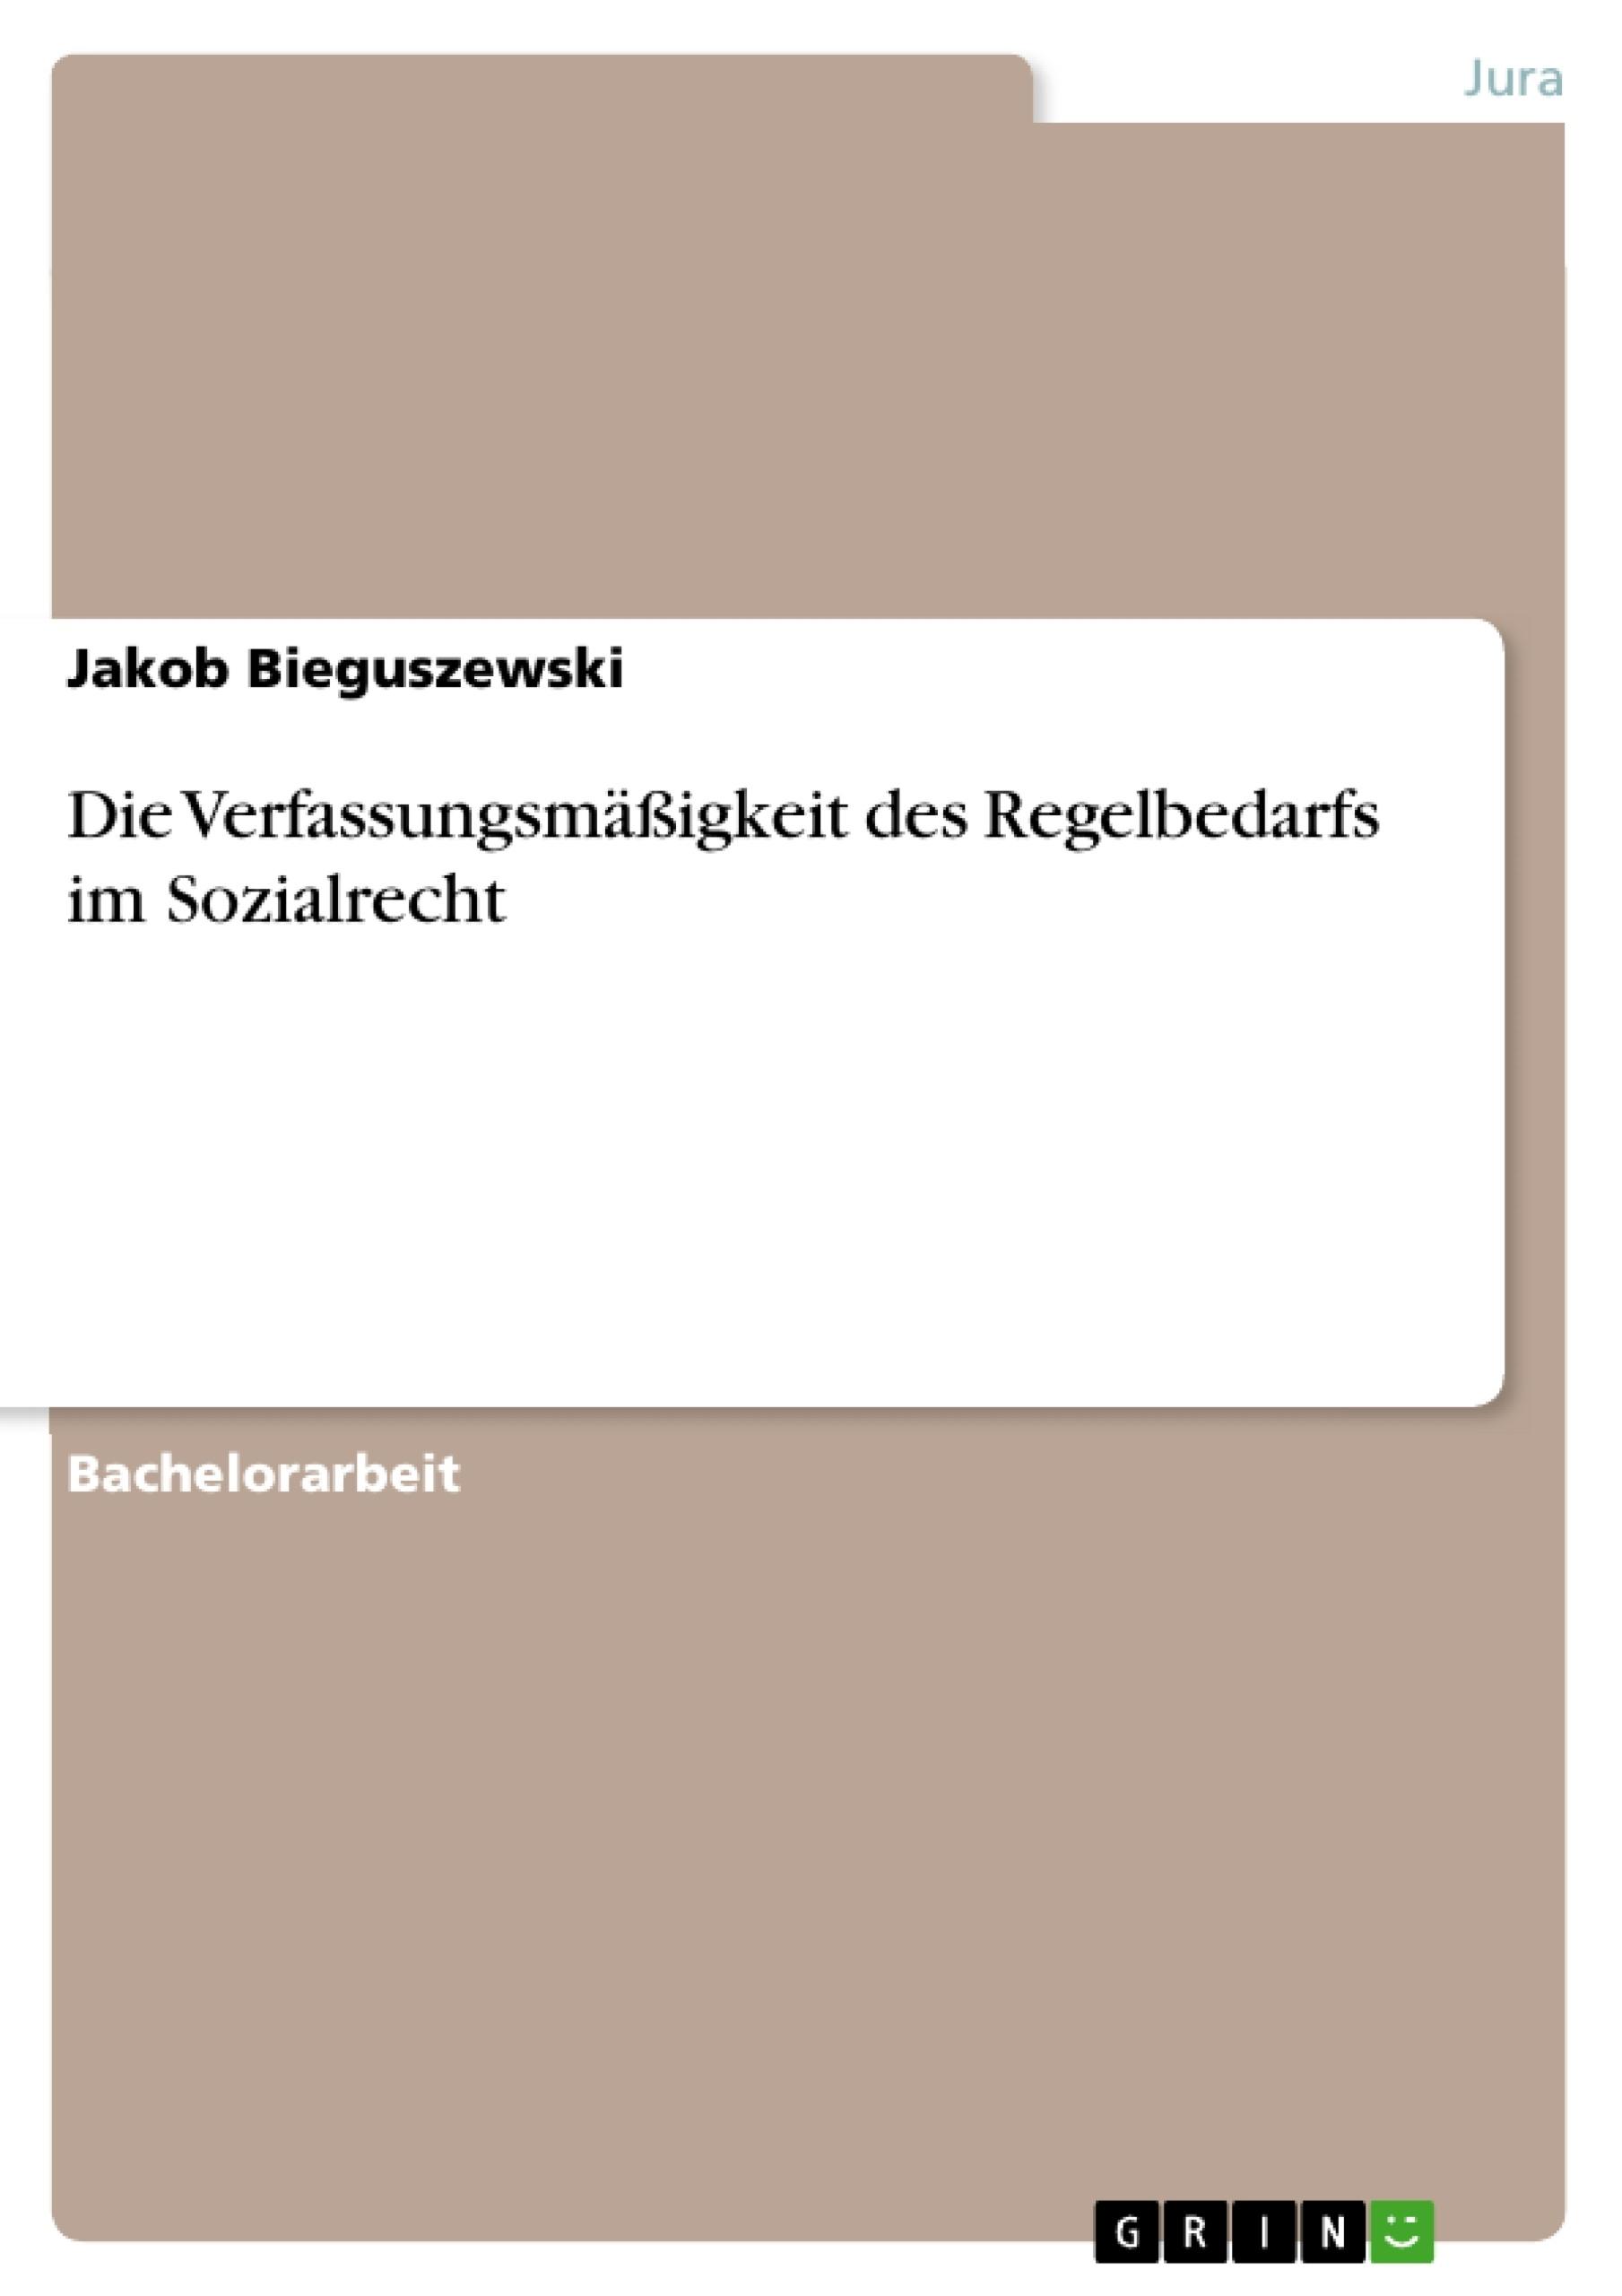 Titel: Die Verfassungsmäßigkeit des Regelbedarfs im Sozialrecht